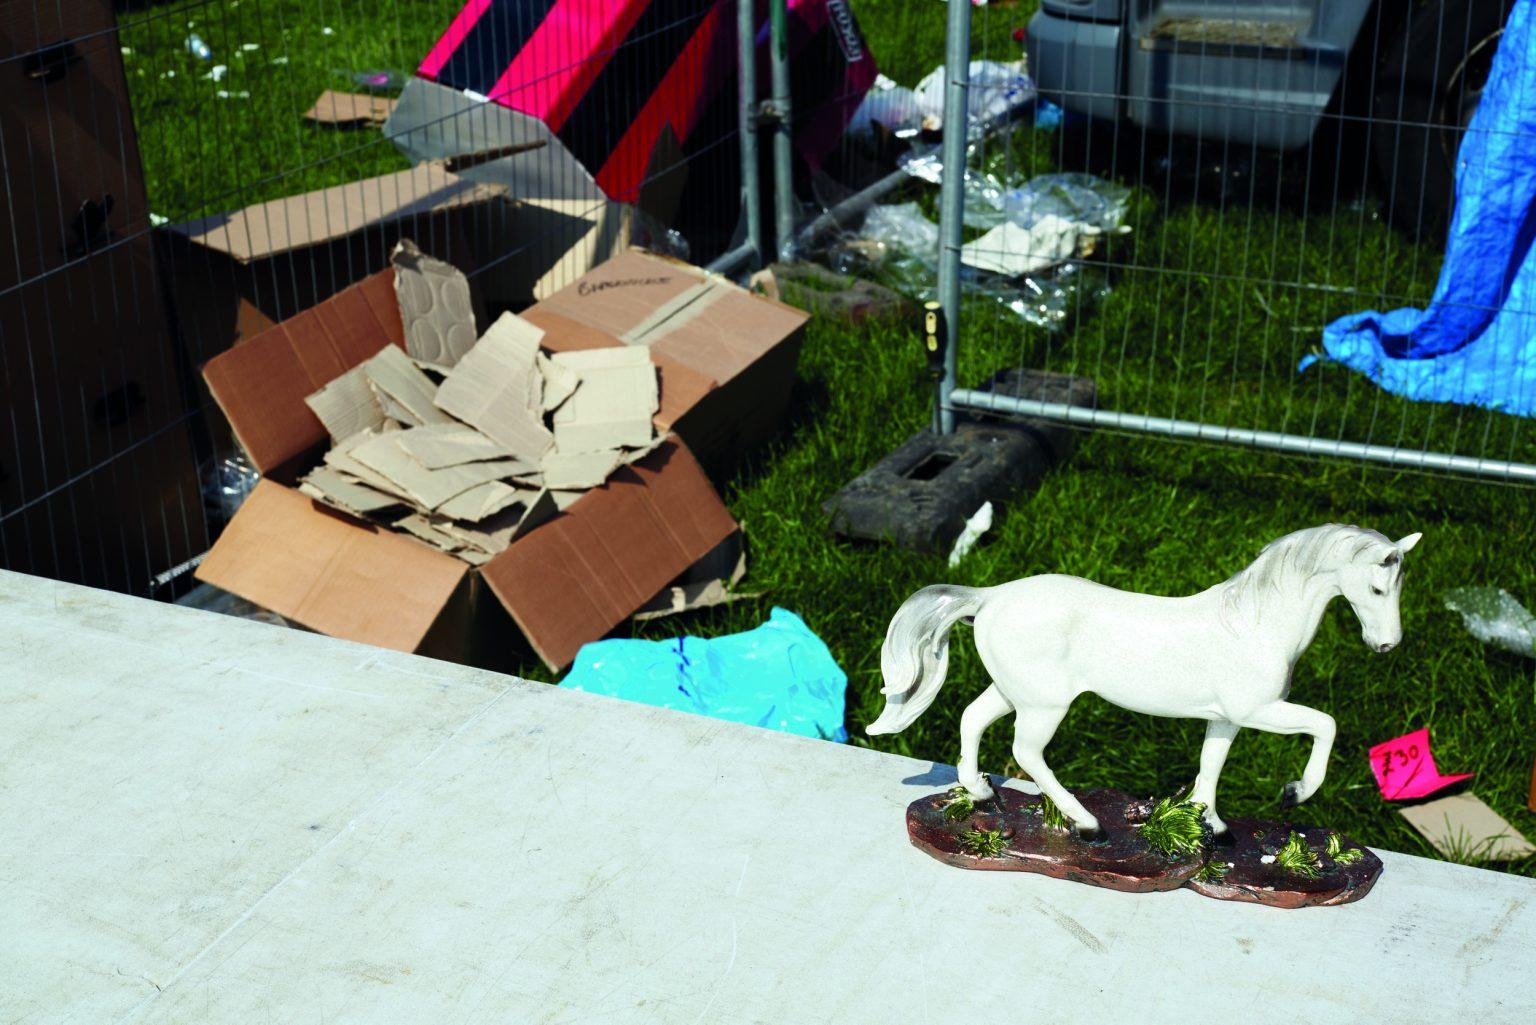 Appleby, United Kingdom, June 2016 - Appleby Horse Fair. An abandoned porcelain horse in the car park market. ><  Appleby, Regno Unito, giugno 2016 - Appleby Horse Fair. Un cavallino di porcellana abbandonato nel nogozio del parcheggio. *** Local Caption ***